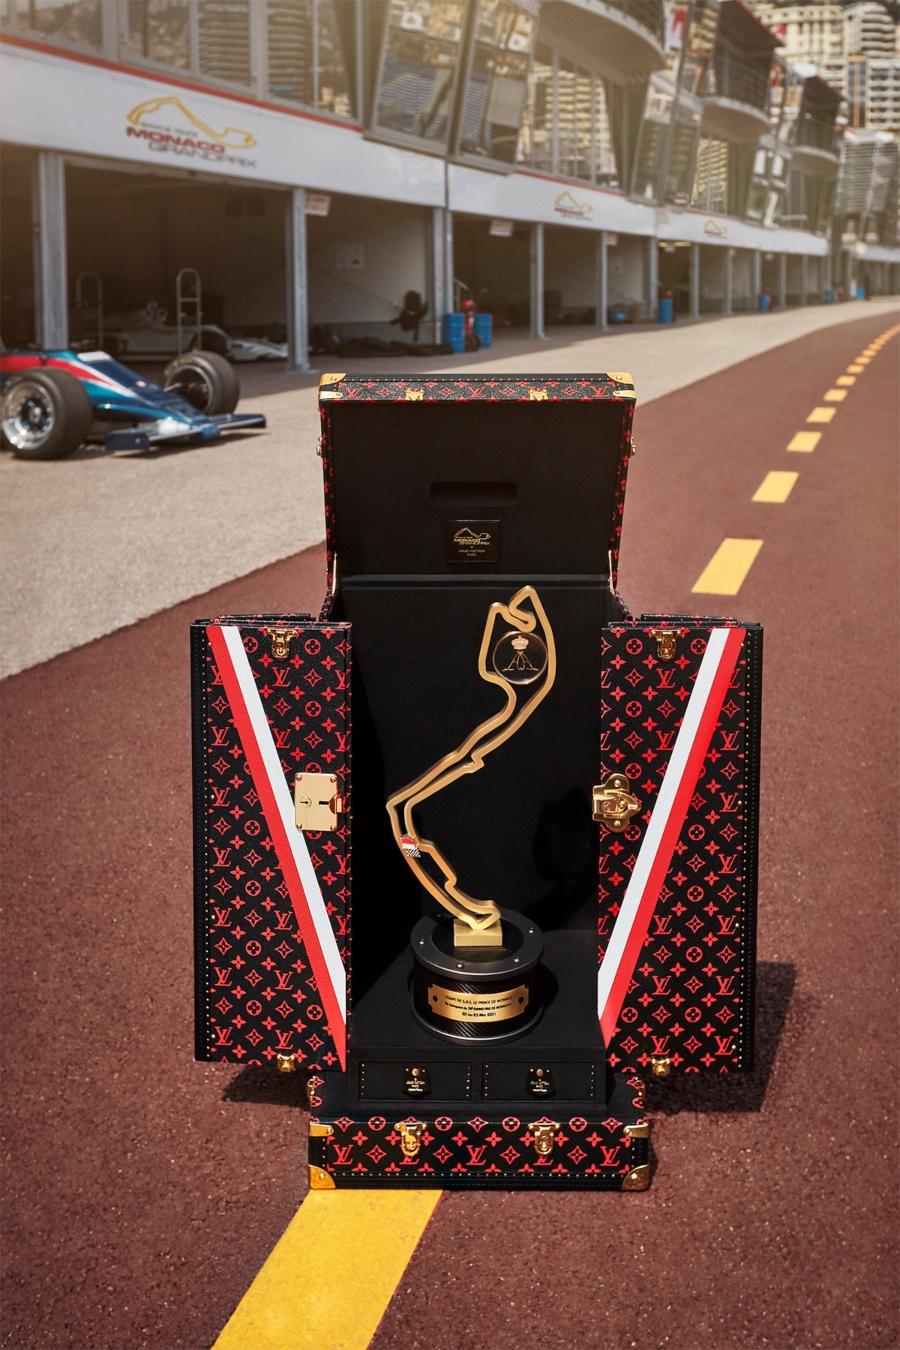 Trofeo de formula 1 por Louis Vuitton